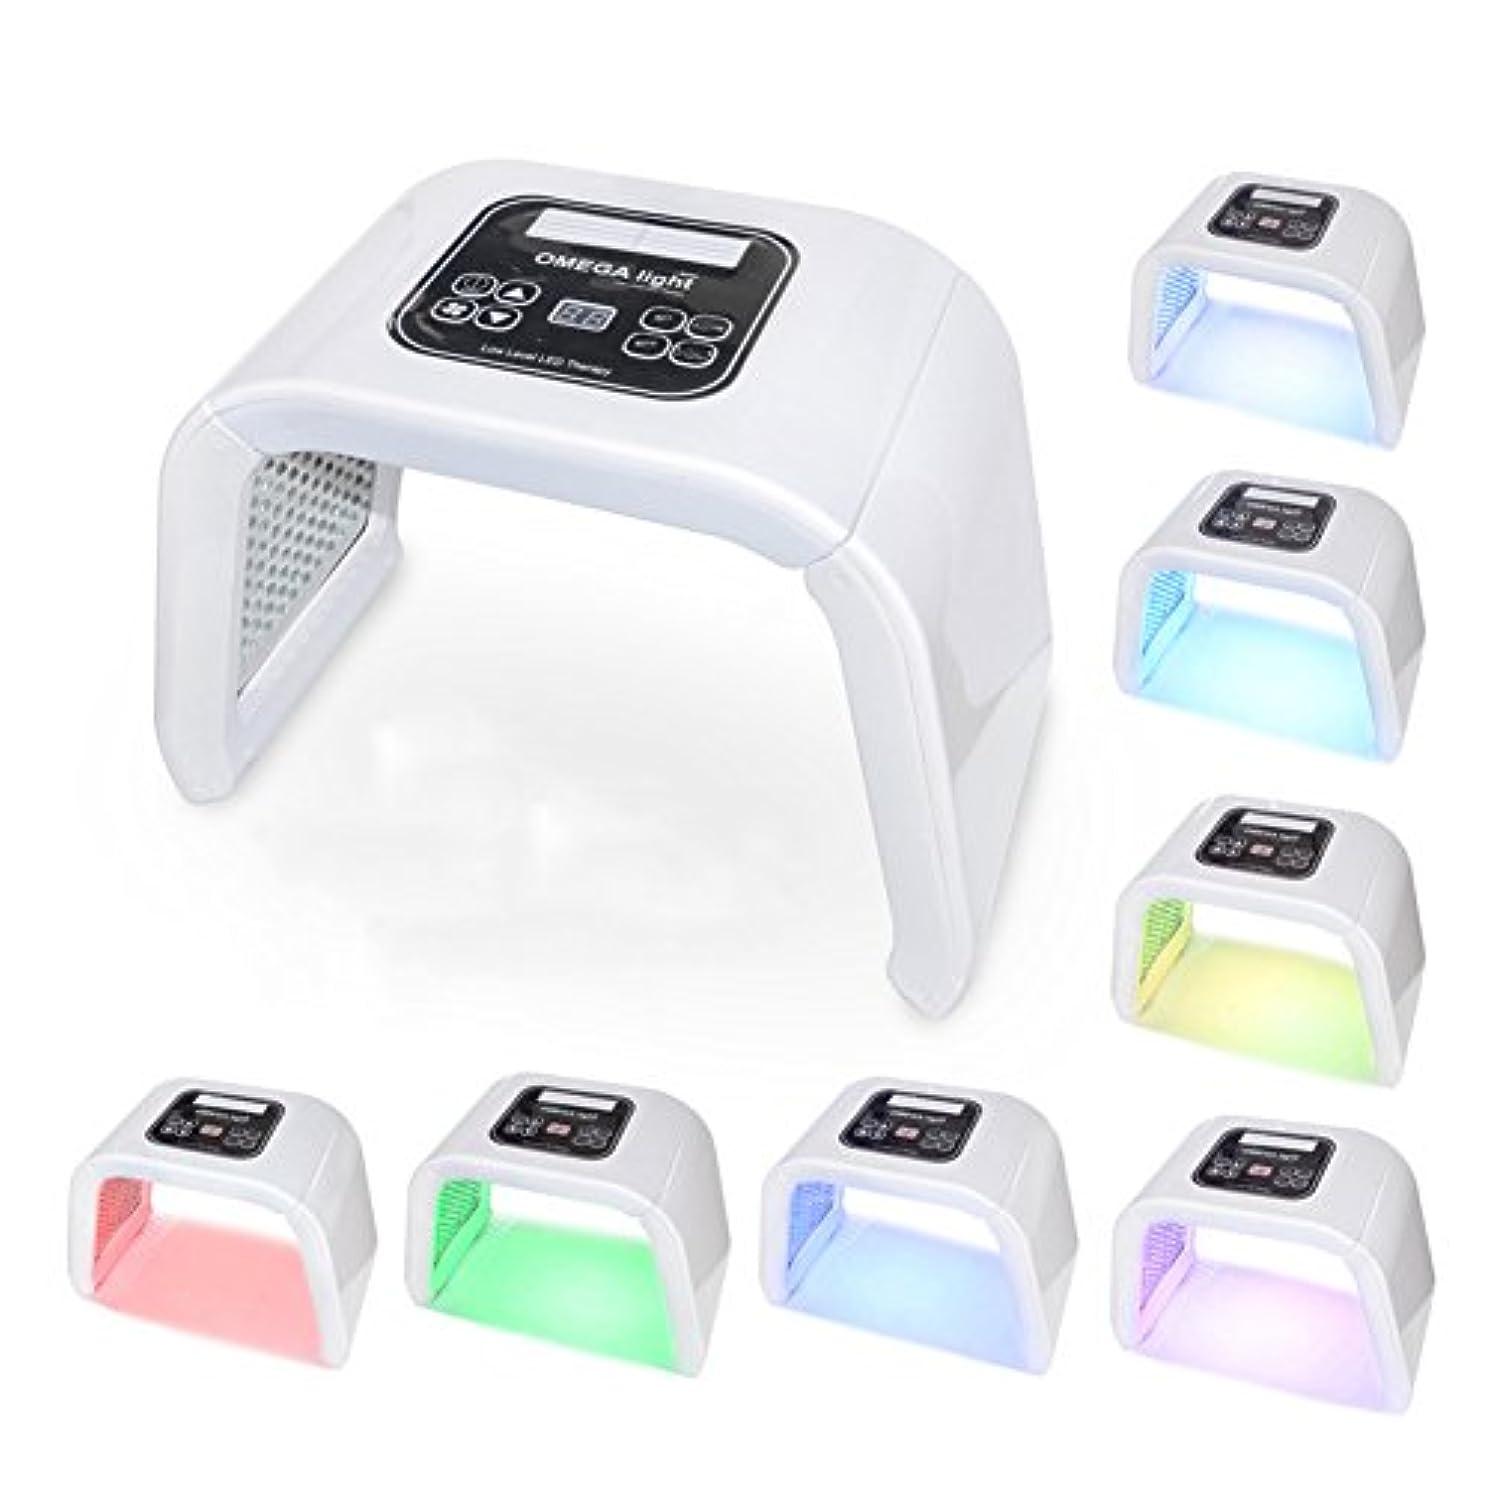 ラベルピックアメリカ光子治療器7色ライトニキビ美容器具,White